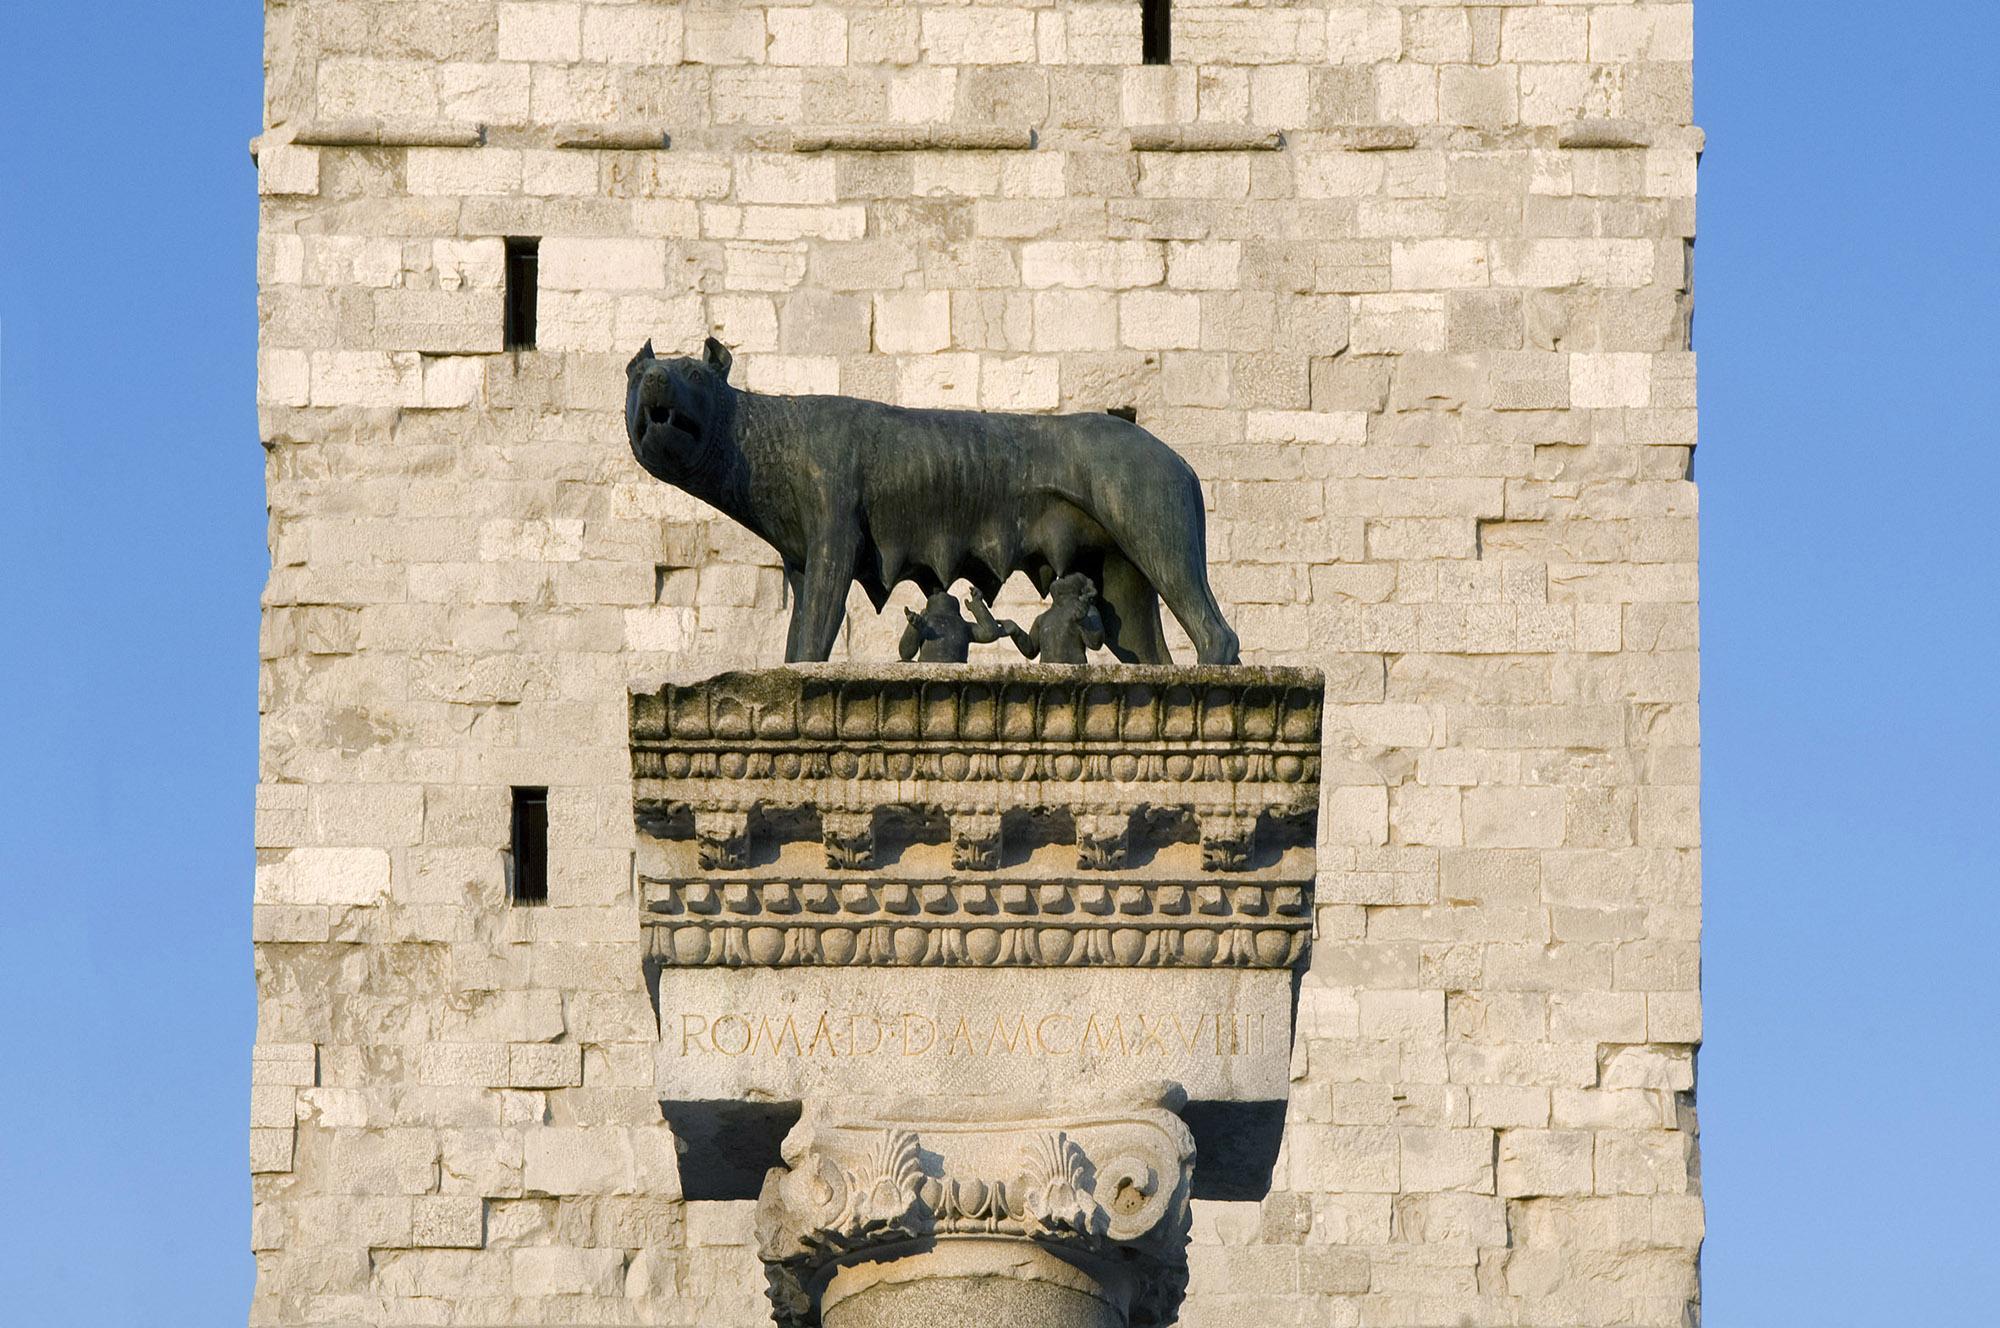 1919年,罗马赠送了罗马母狼的复制品,庆祝阿奎拉的第21个百年纪念日(自公元前181年)。– © Gianluca Baronchelli